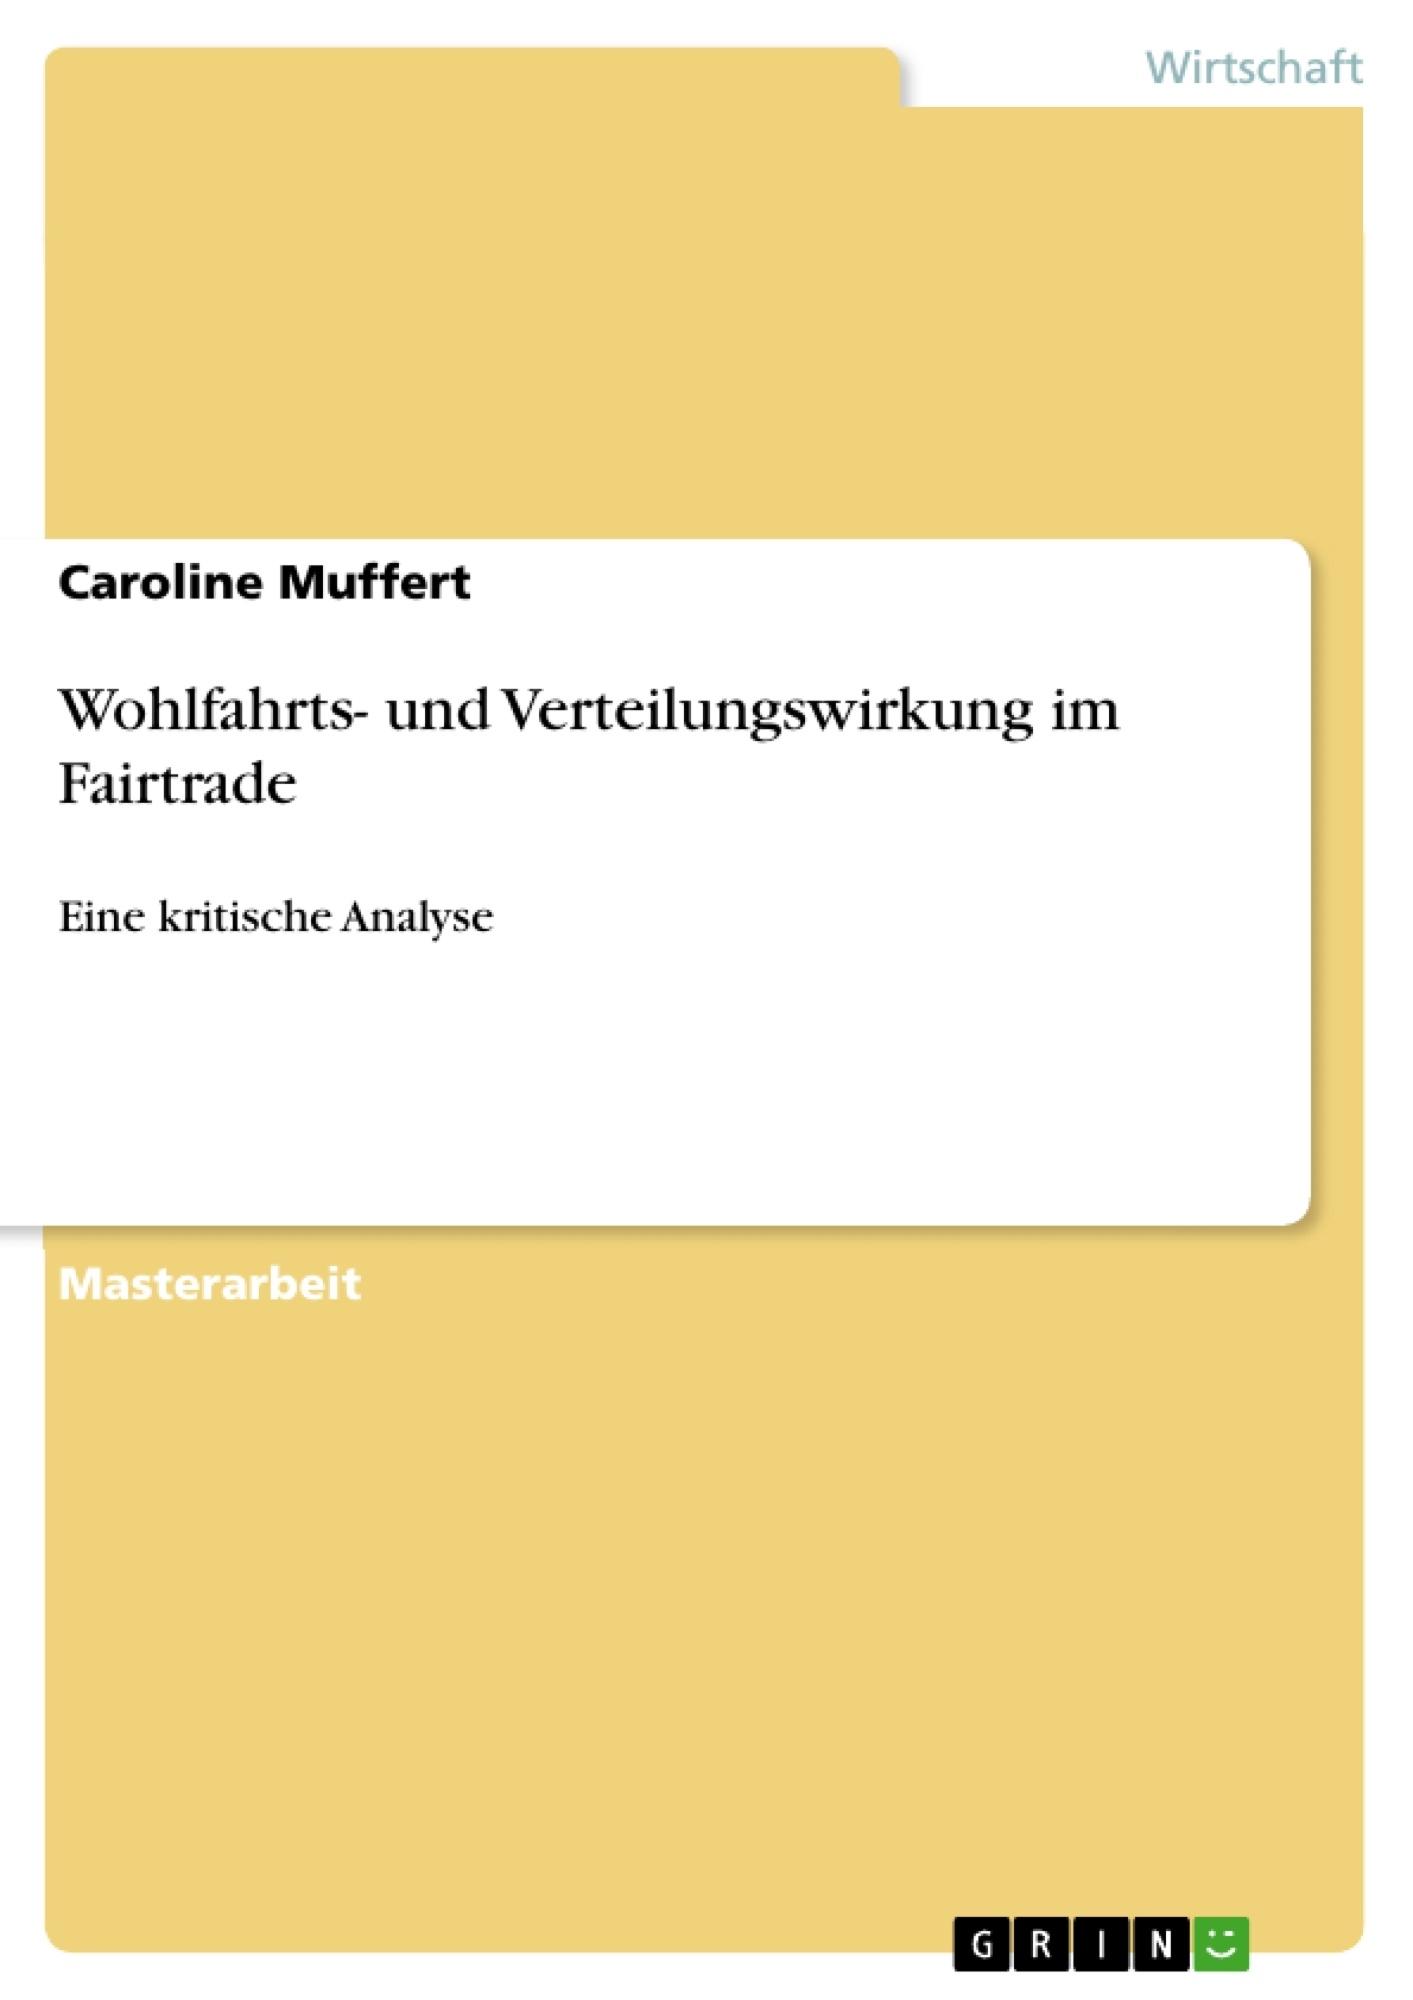 Titel: Wohlfahrts- und Verteilungswirkung im Fairtrade